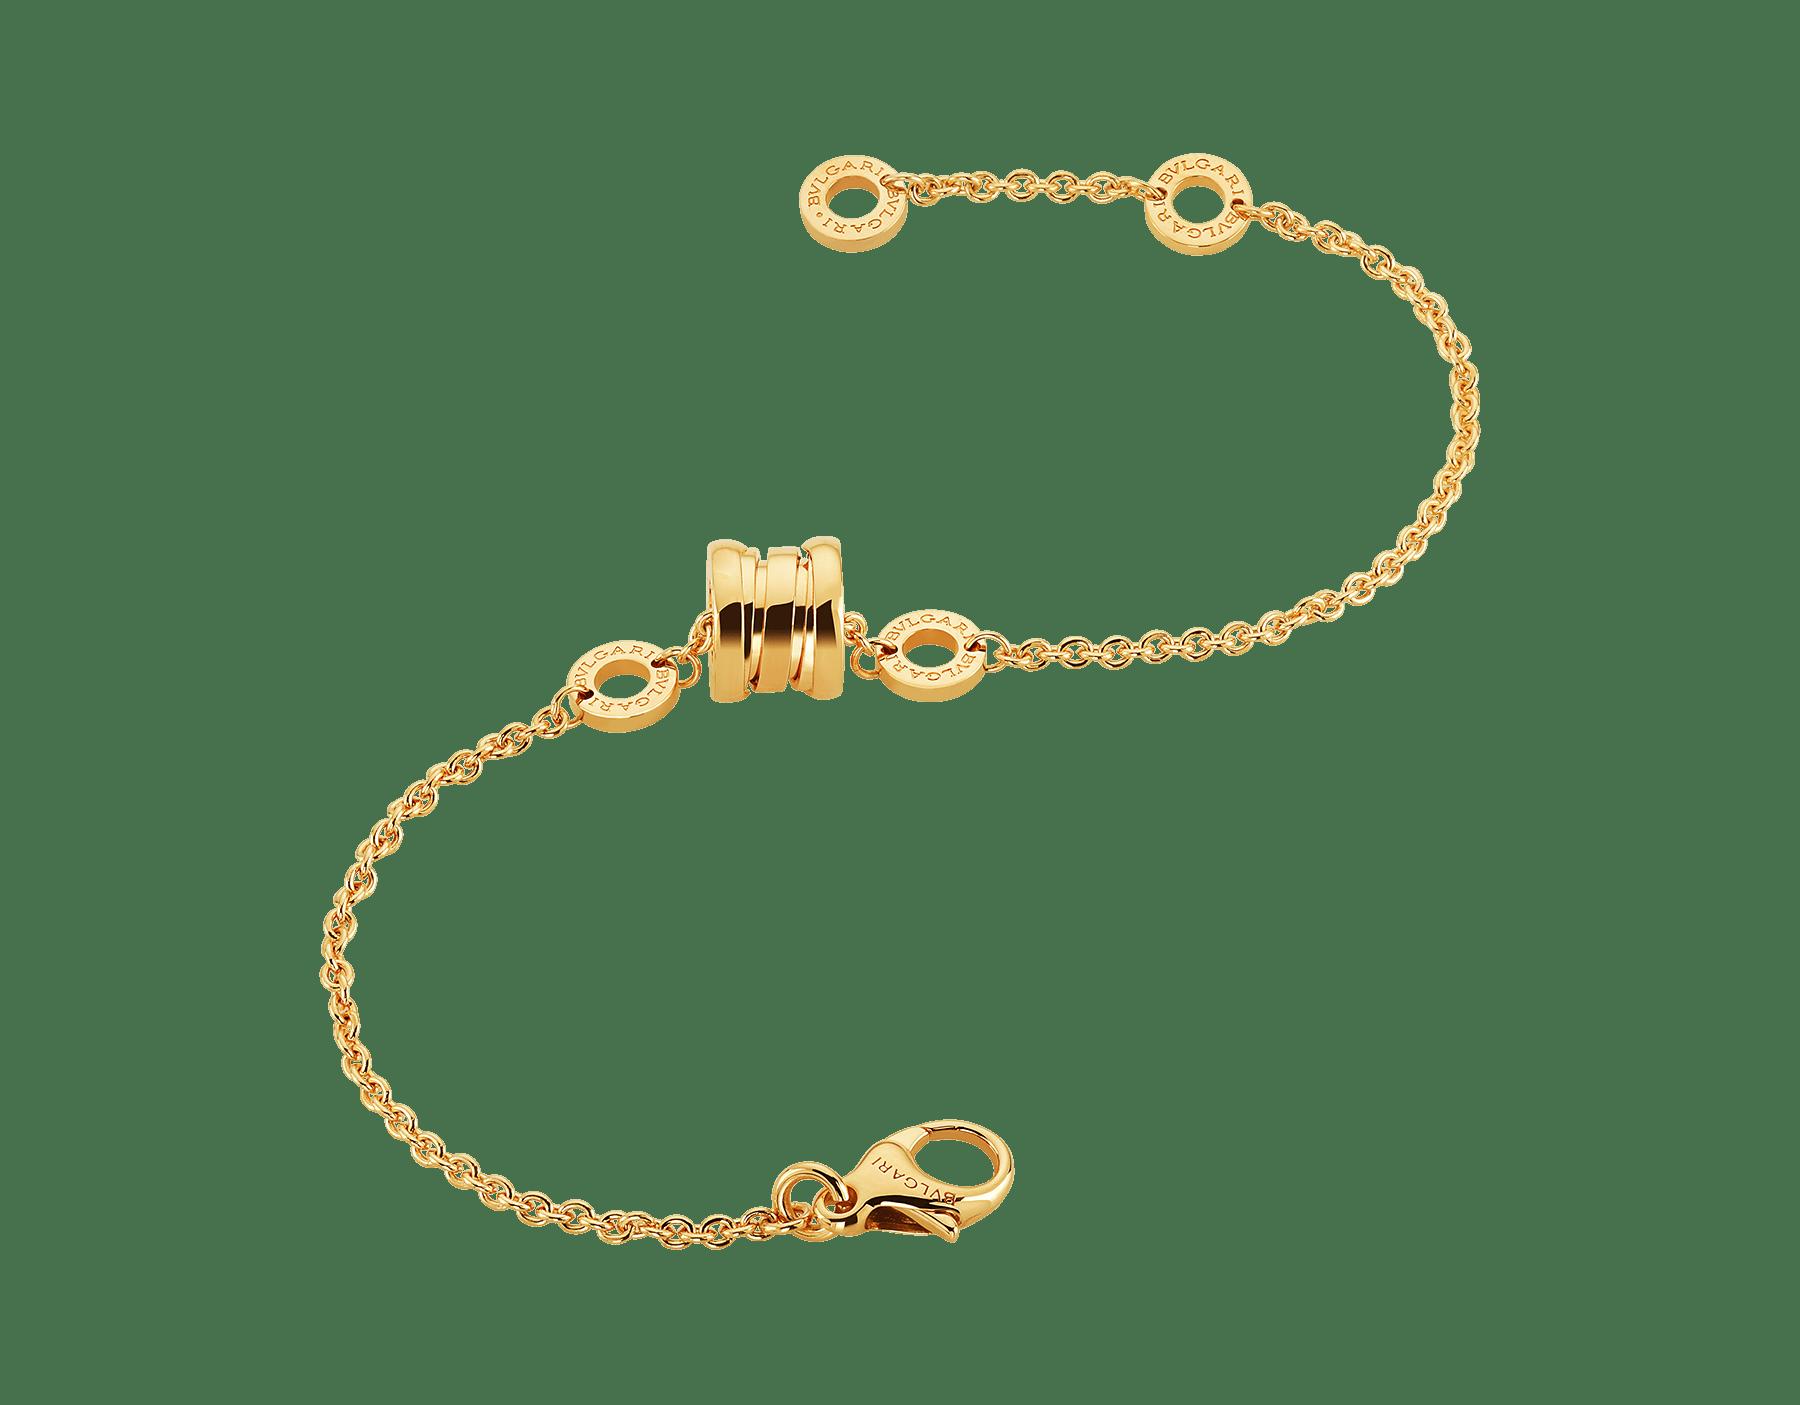 Composé d'une chaîne souple en or jaune et de l'emblématique spirale sous forme de pendentif tendance, le bracelet B.zero1 révèle l'esprit contemporain de son design polyvalent et original. BR853667 image 2